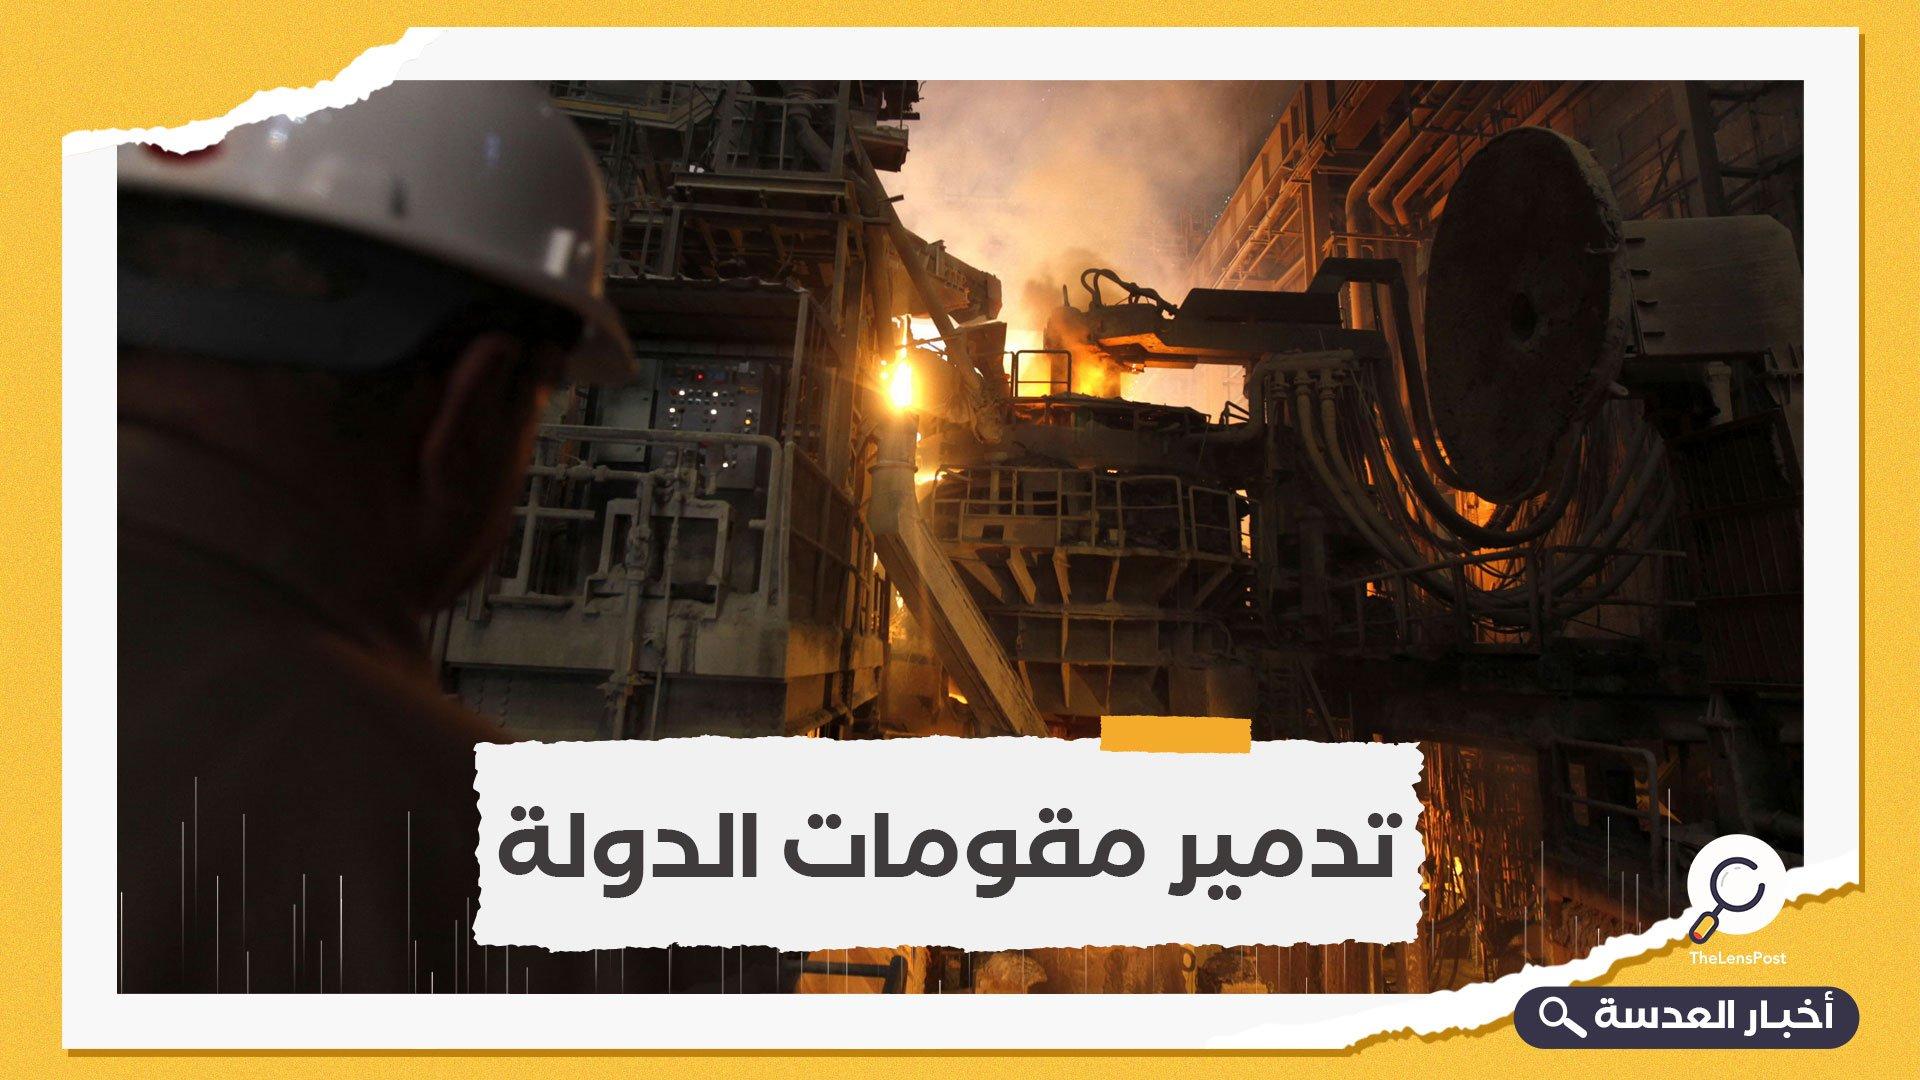 بدعوى الخسائر.. تصفية شركة الحديد والصلب المصرية بعد 67 عاما على تأسيسها